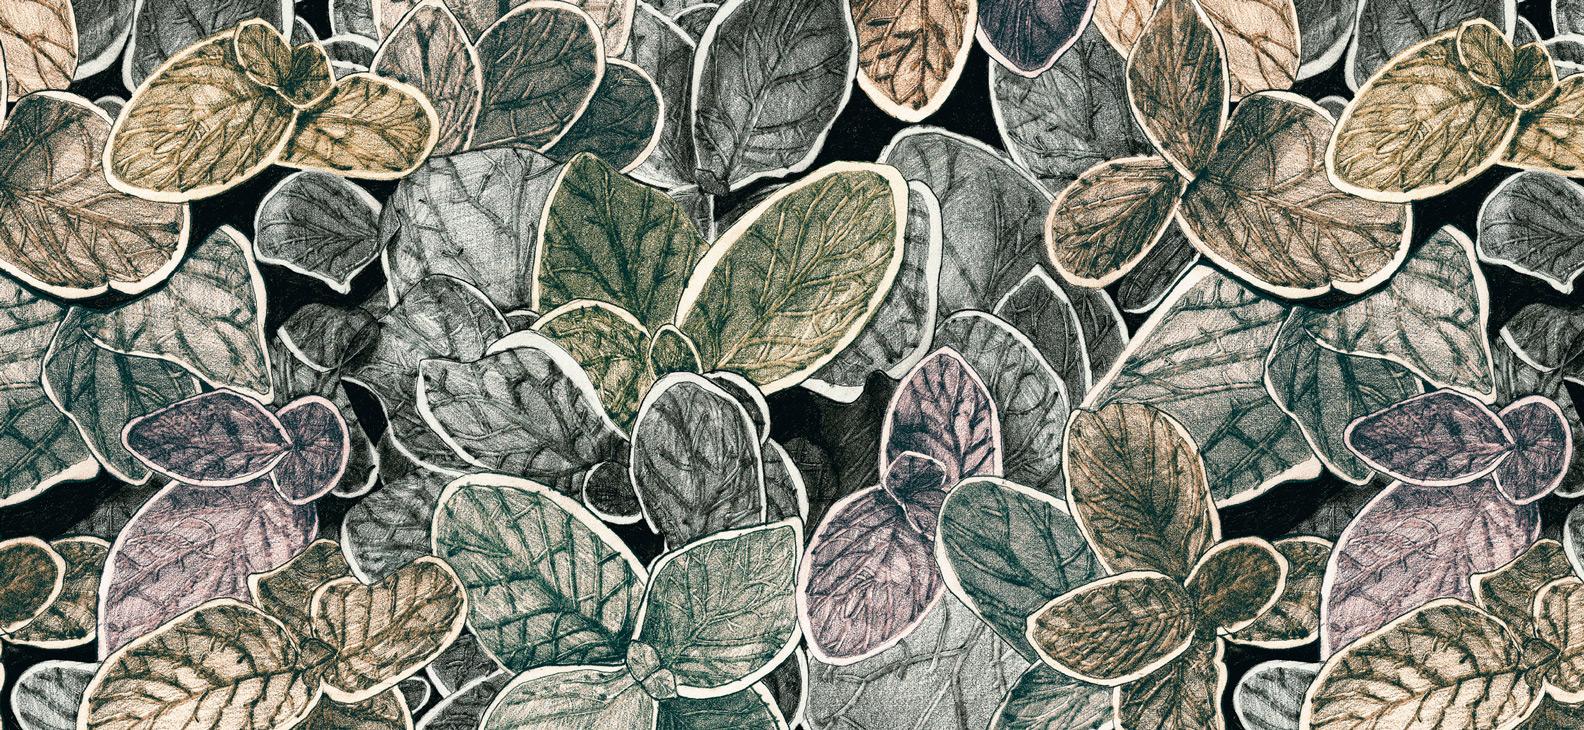 Papier Peint Ressource, Collection Faune & Flore, Motif Charmille, Variation CG03